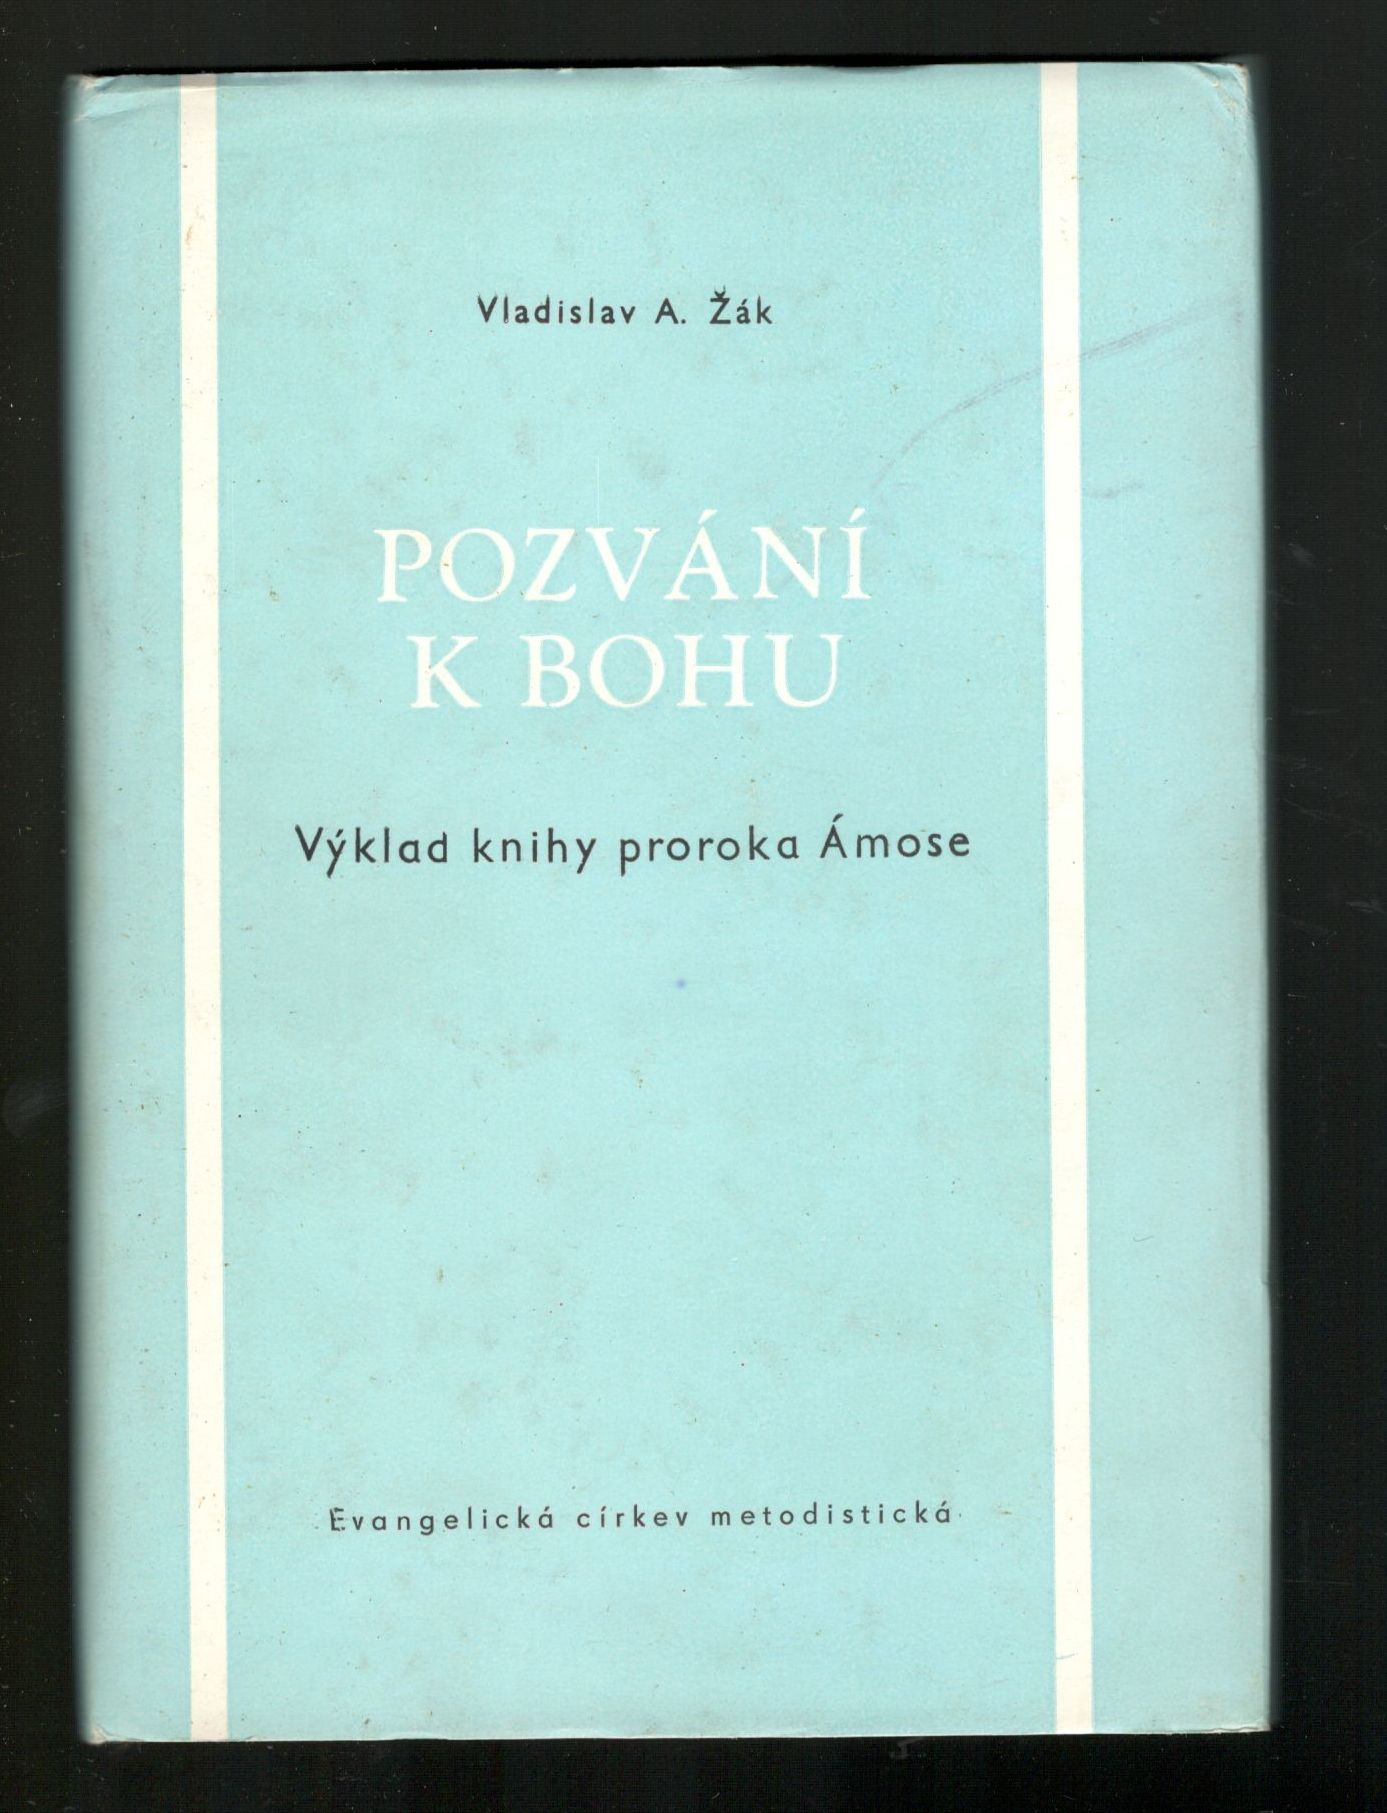 Pozvání k bohu - Vladislav A. Žák